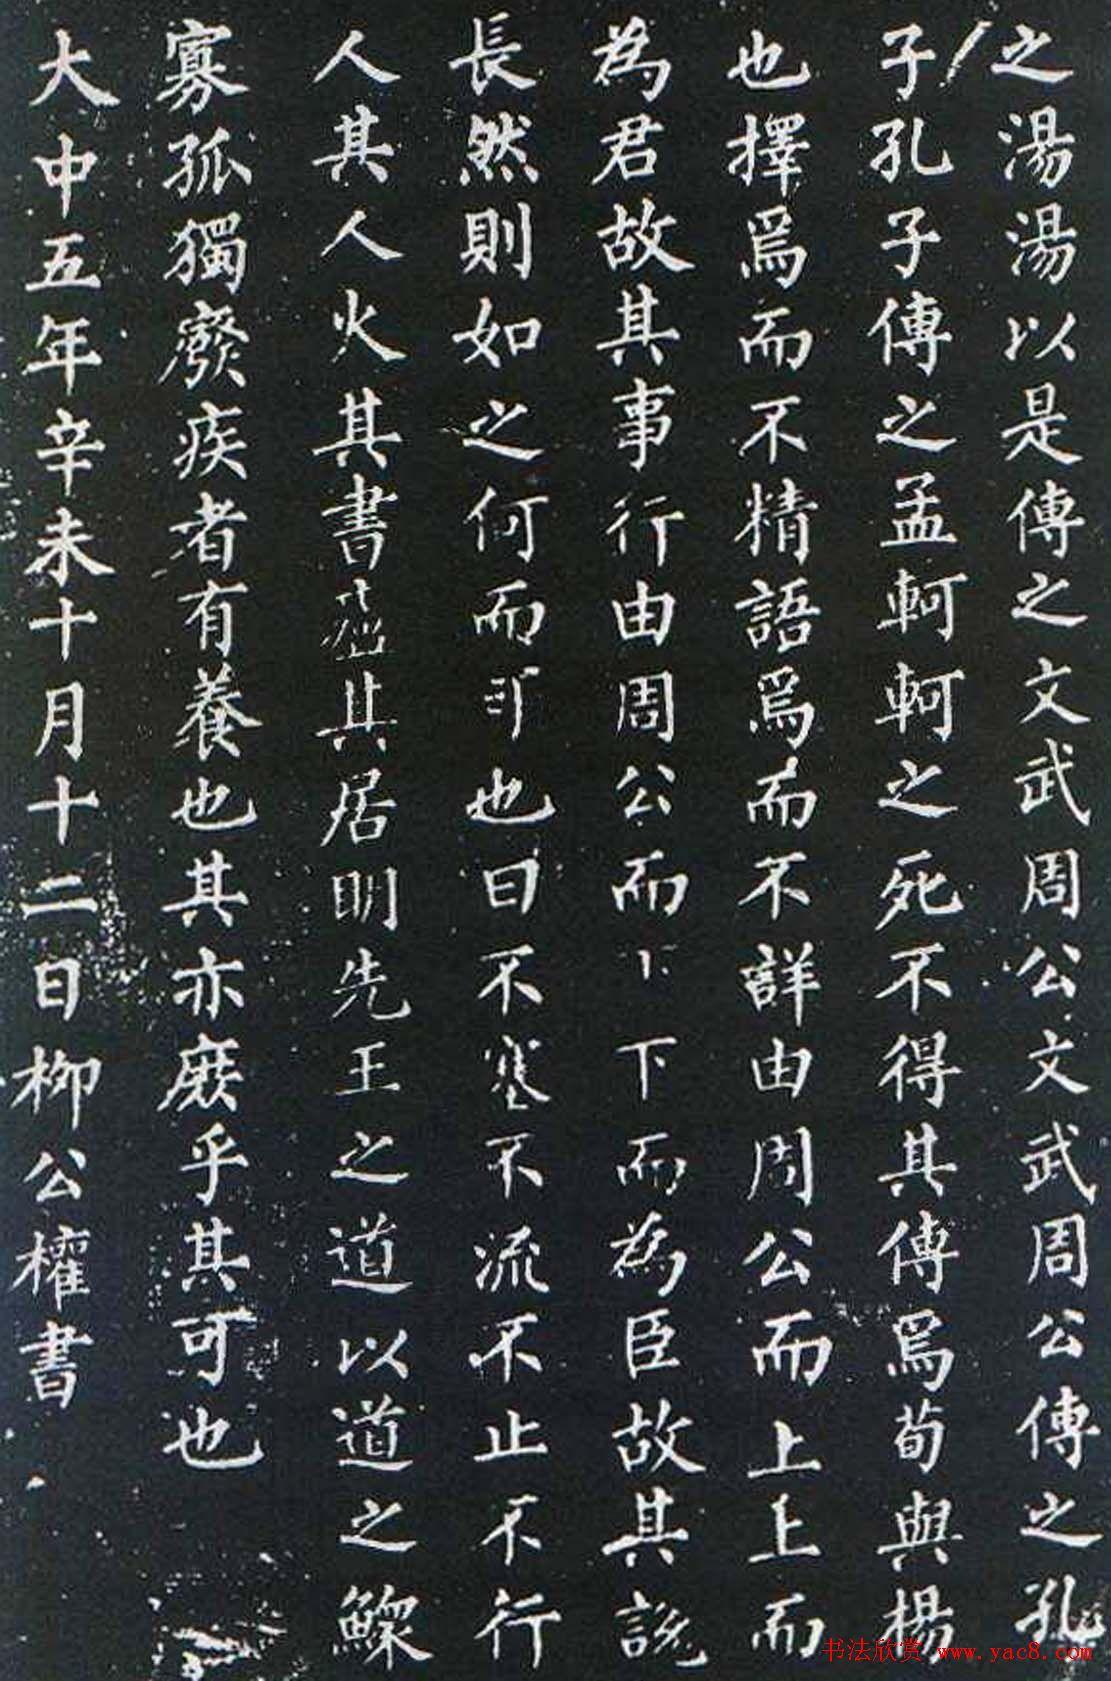 柳公权楷书欣赏《原道碑》图片